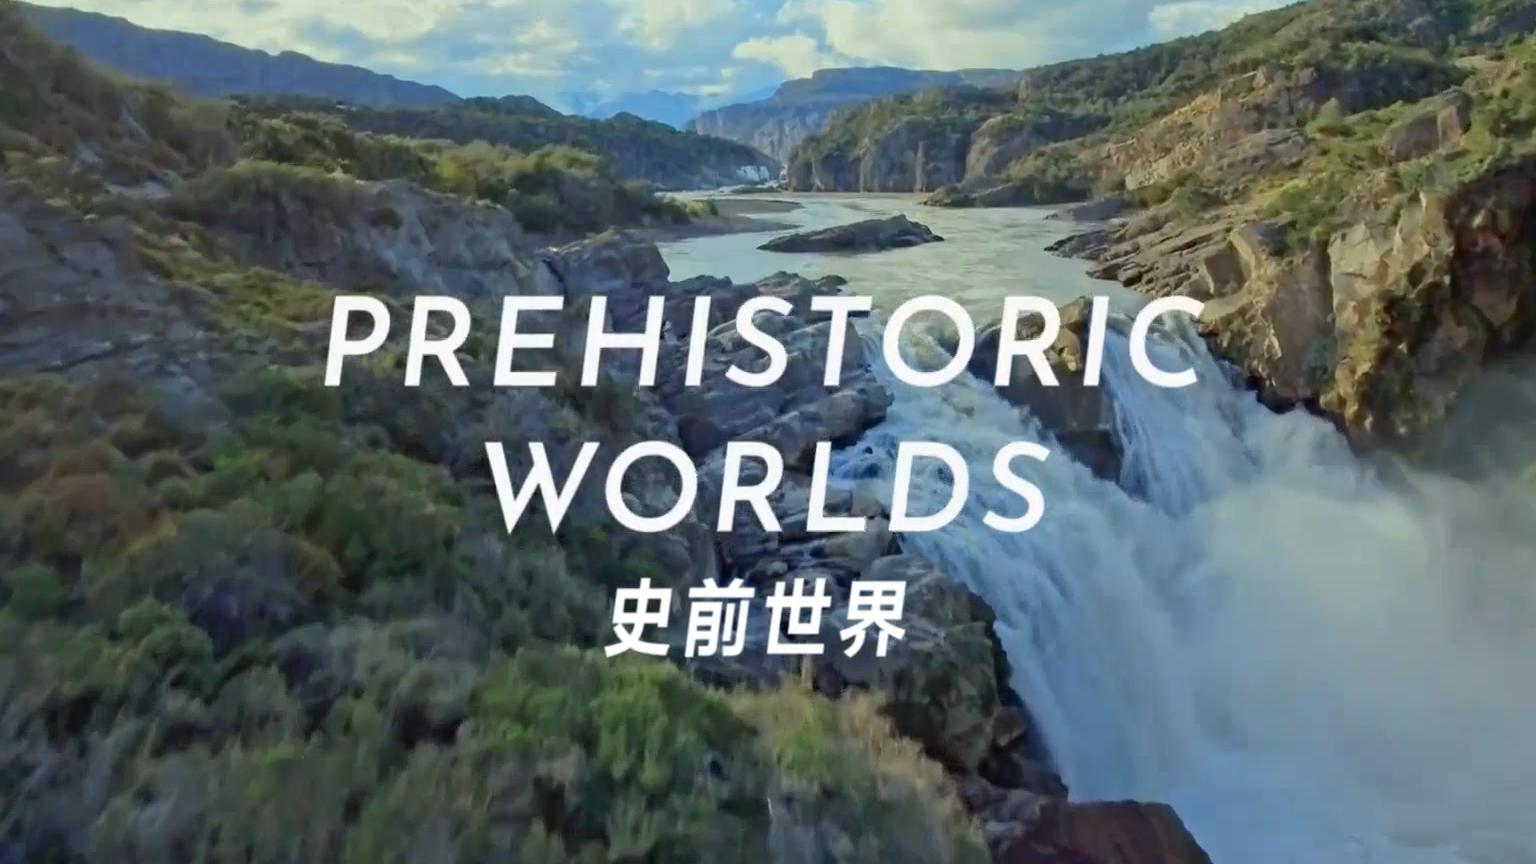 【纪录片】史前世界【1080p】【双语特效字幕】【纪录片之家爱自然】